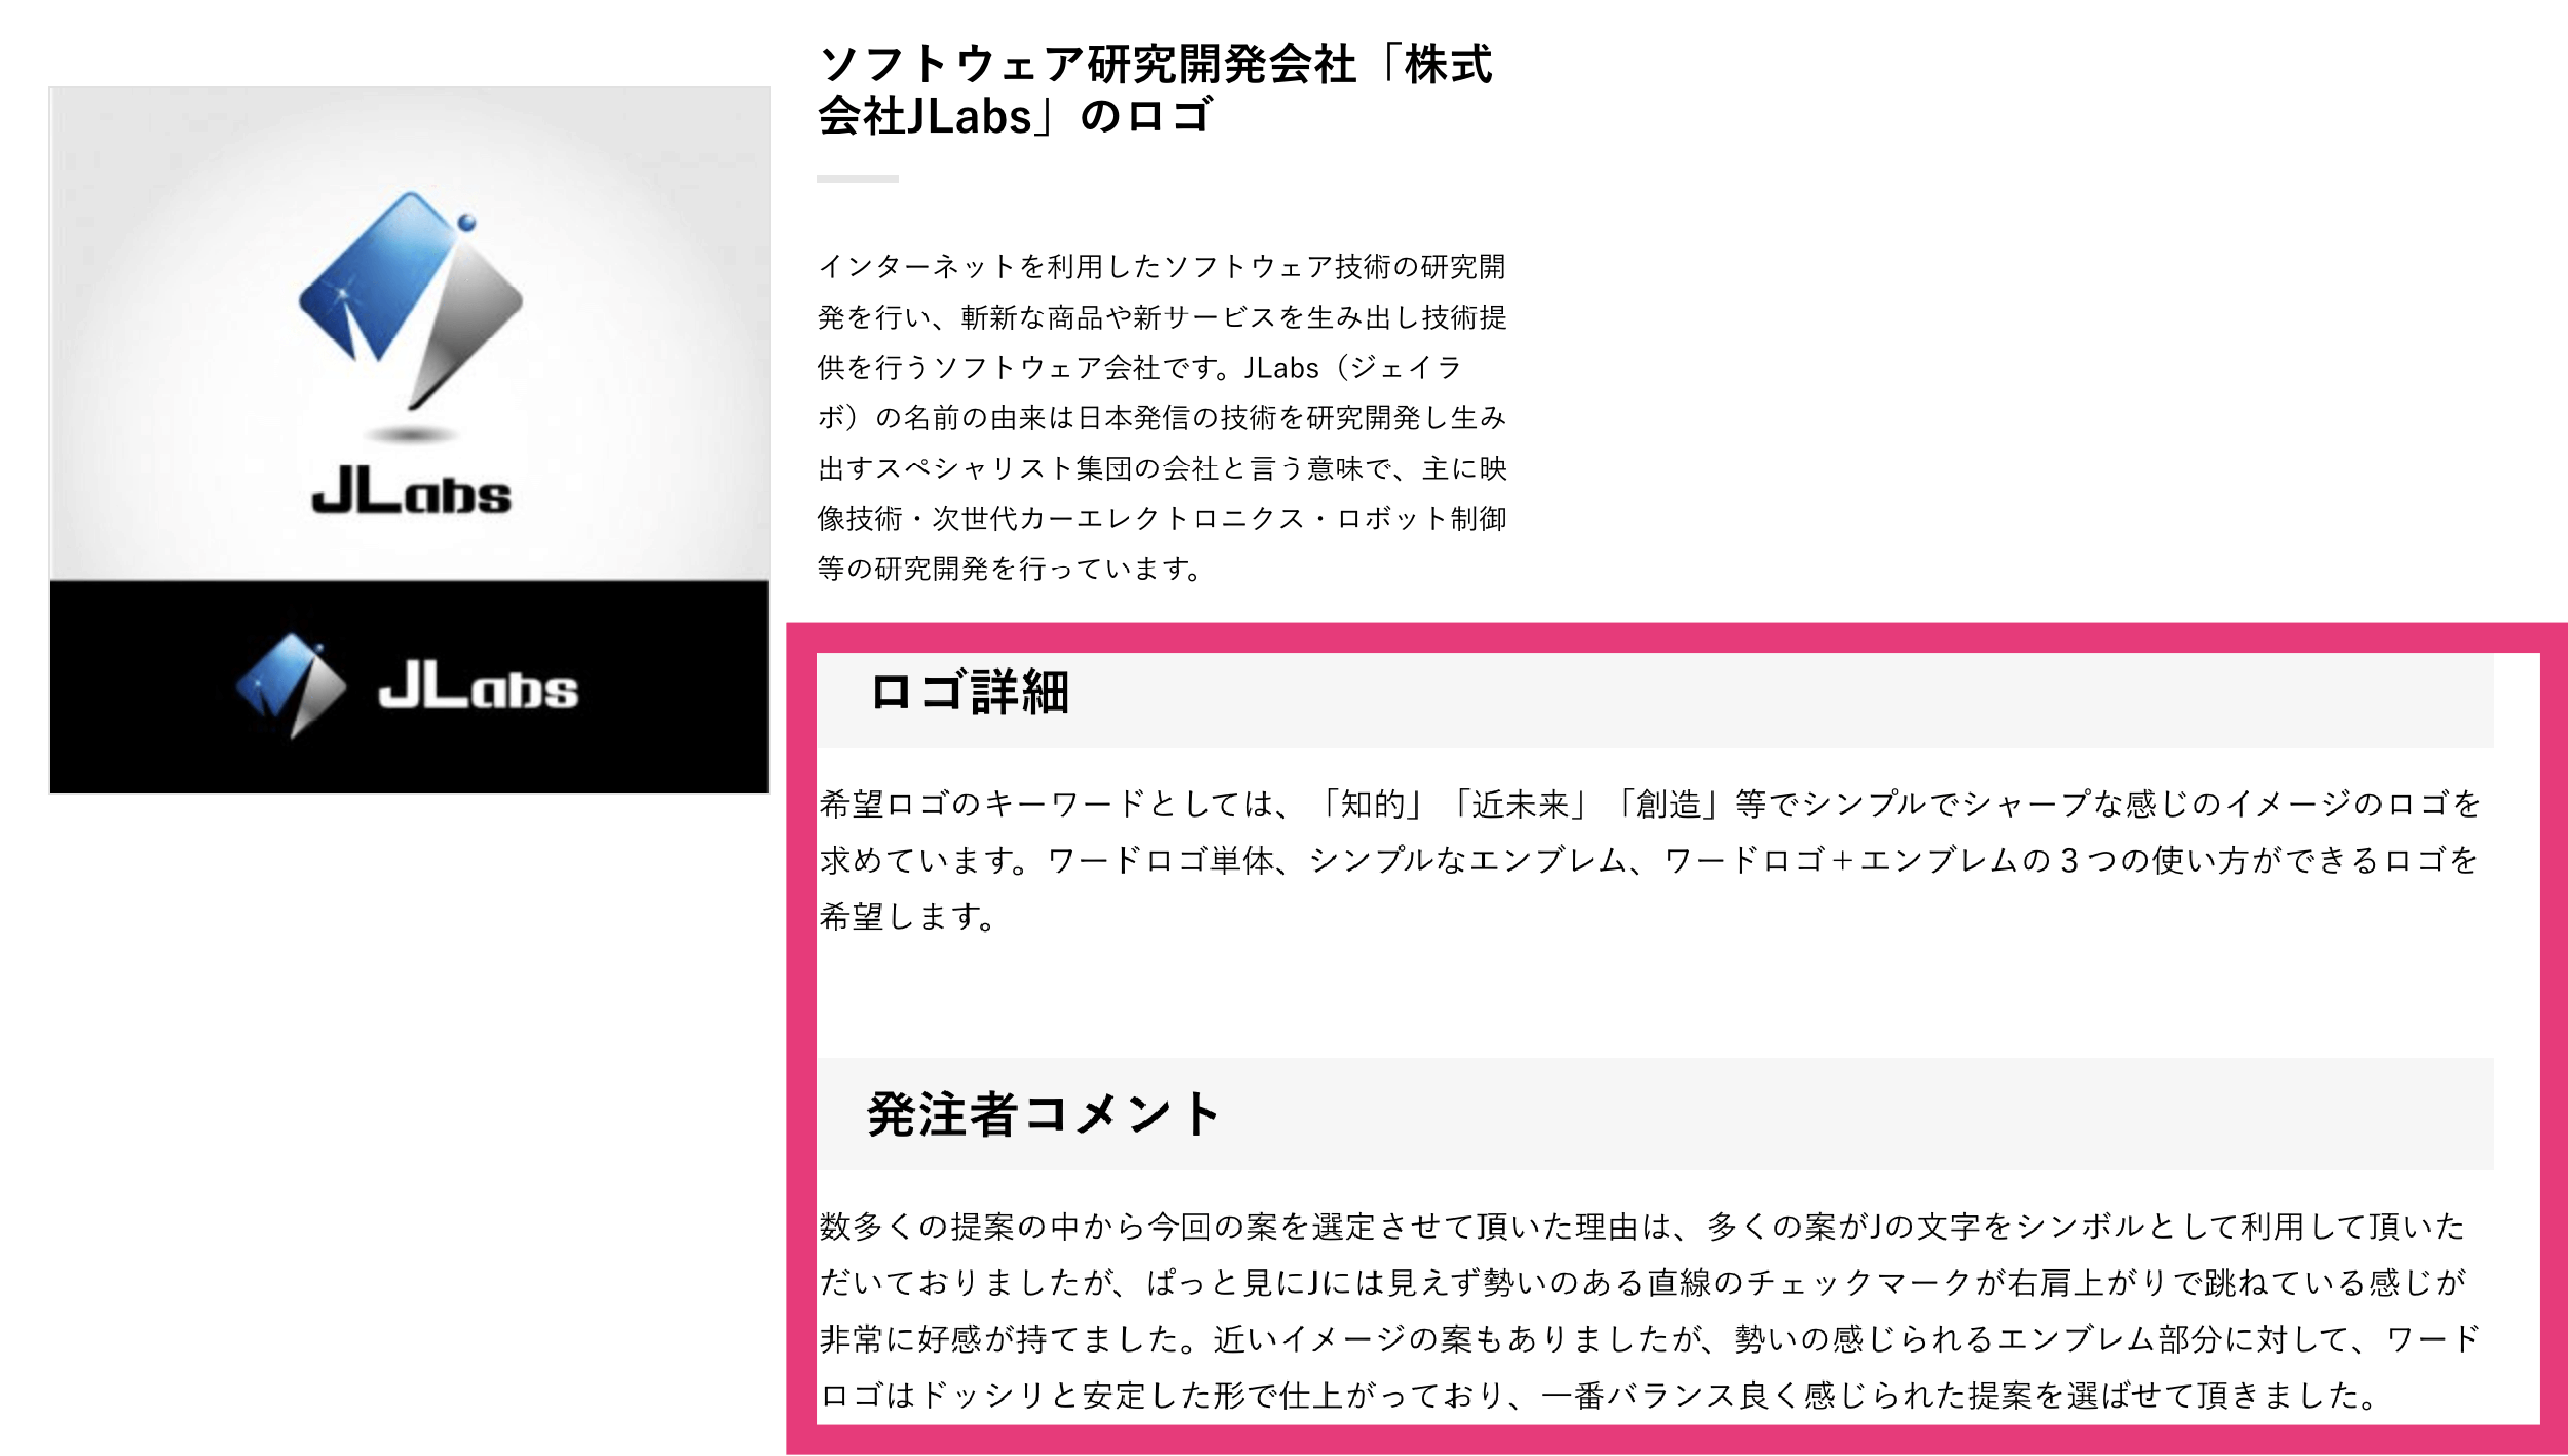 ロゴペディア - 事例詳細